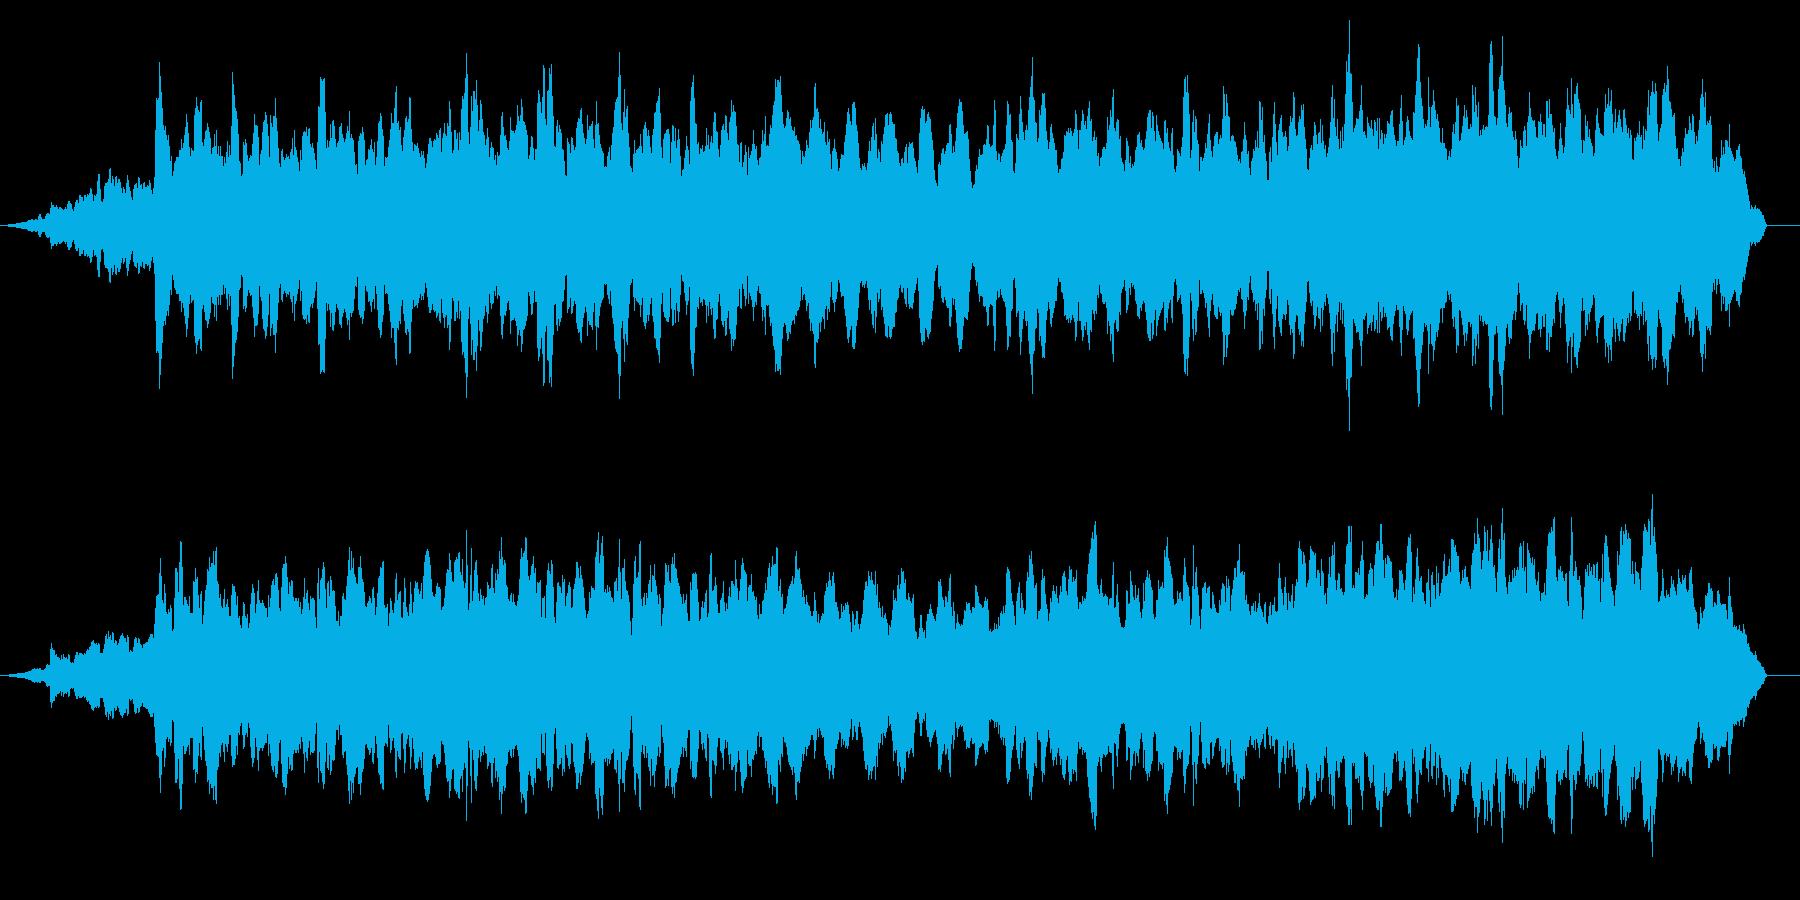 ドキュメンタリー系 活断層風サウンドの再生済みの波形